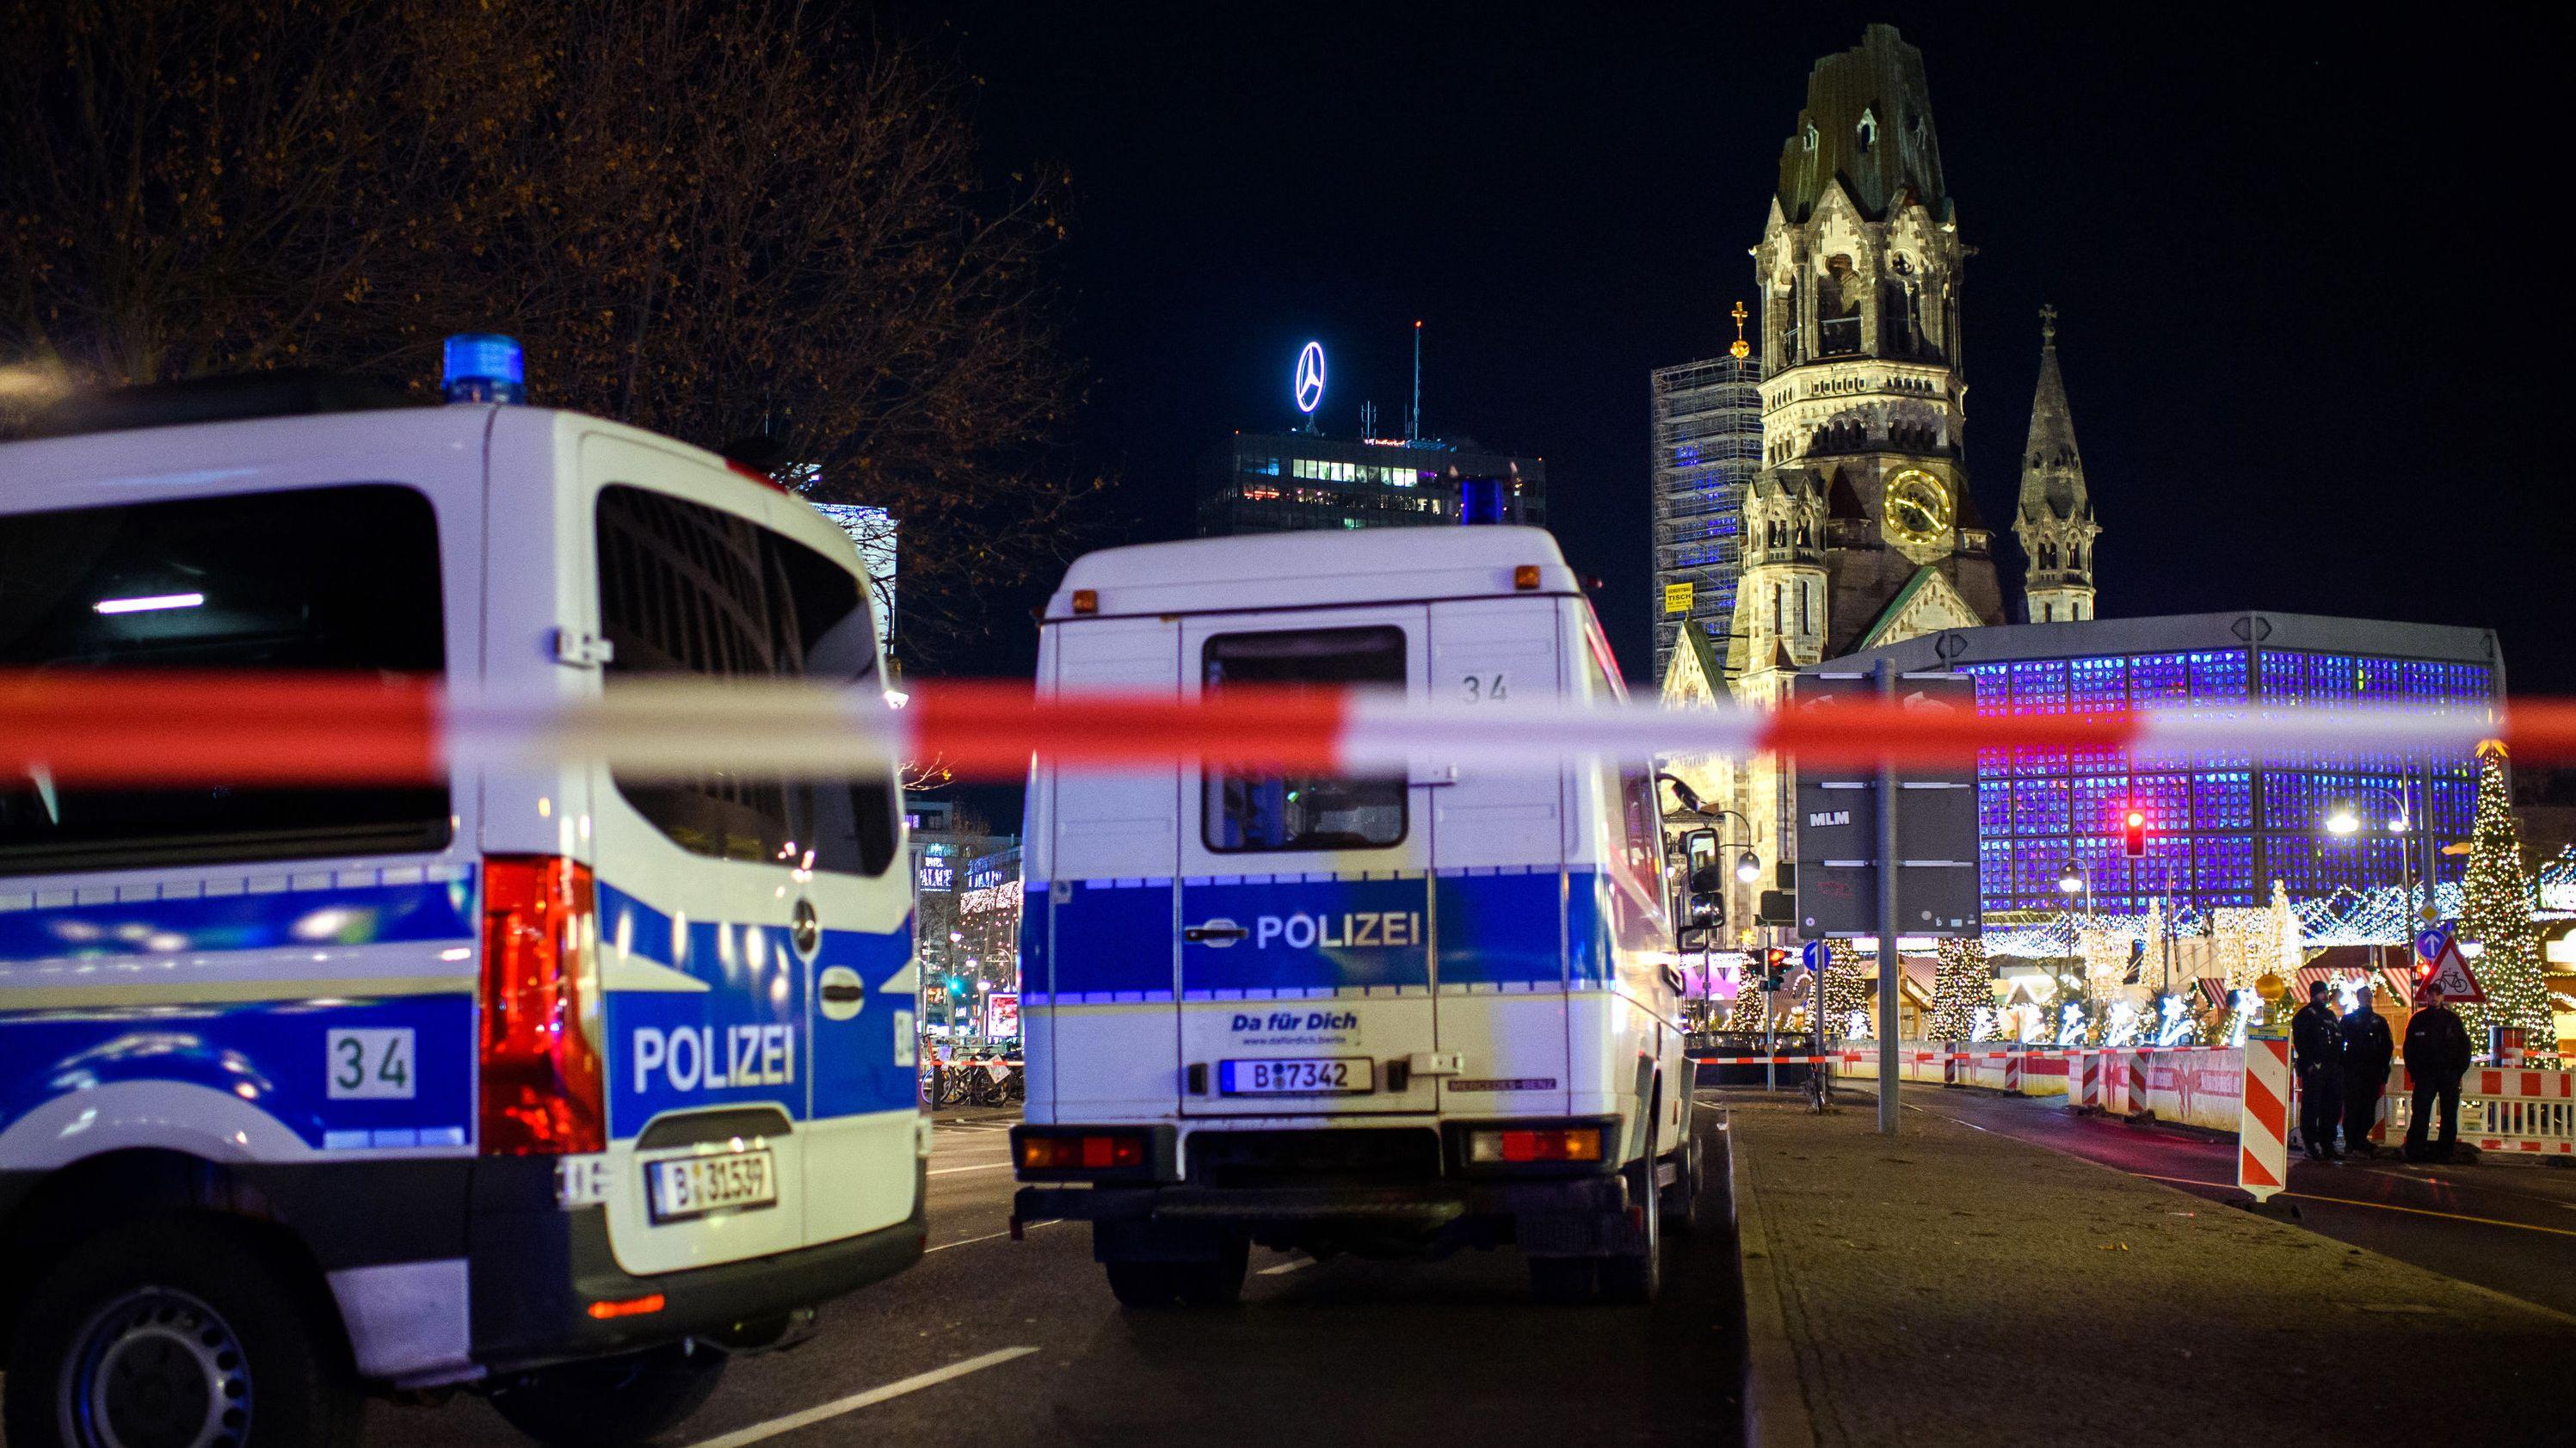 21.12.2019, Berlin: Nach Hinweisen auf einen möglicherweise verdächtigen Gegenstand hat die Polizei am Samstagabend den Weihnachtsmarkt an der Gedächtniskirche geräumt.